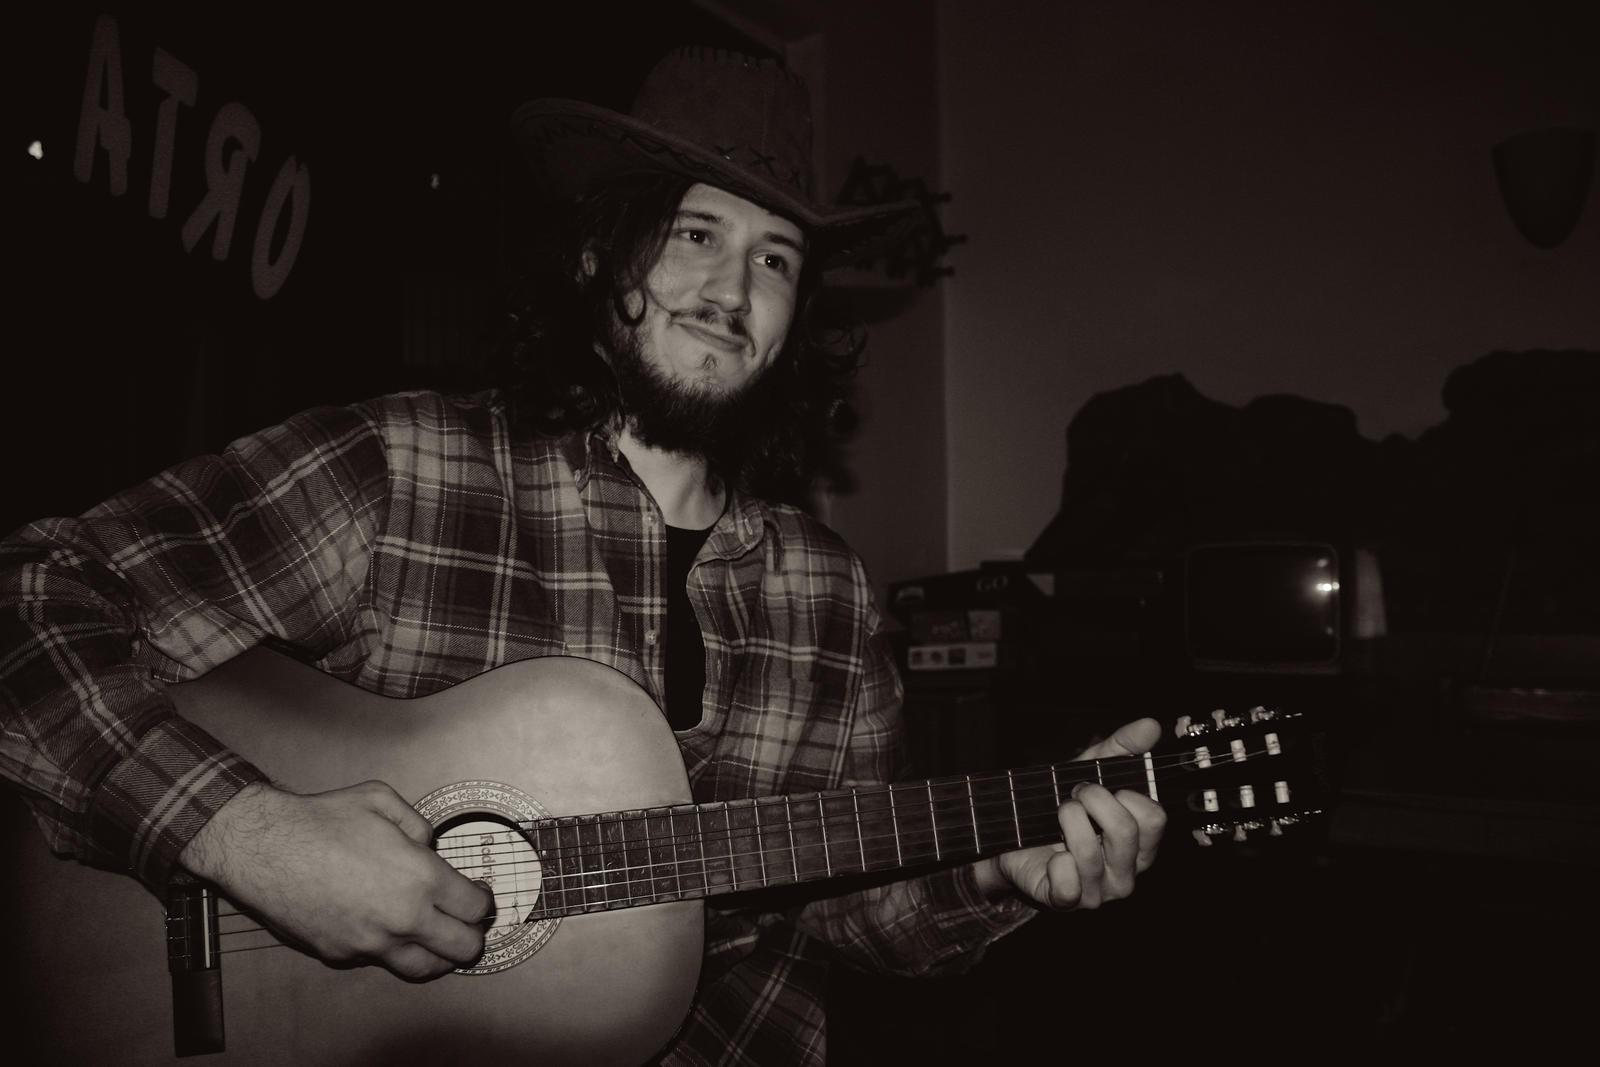 Cowboy. by TheWaga